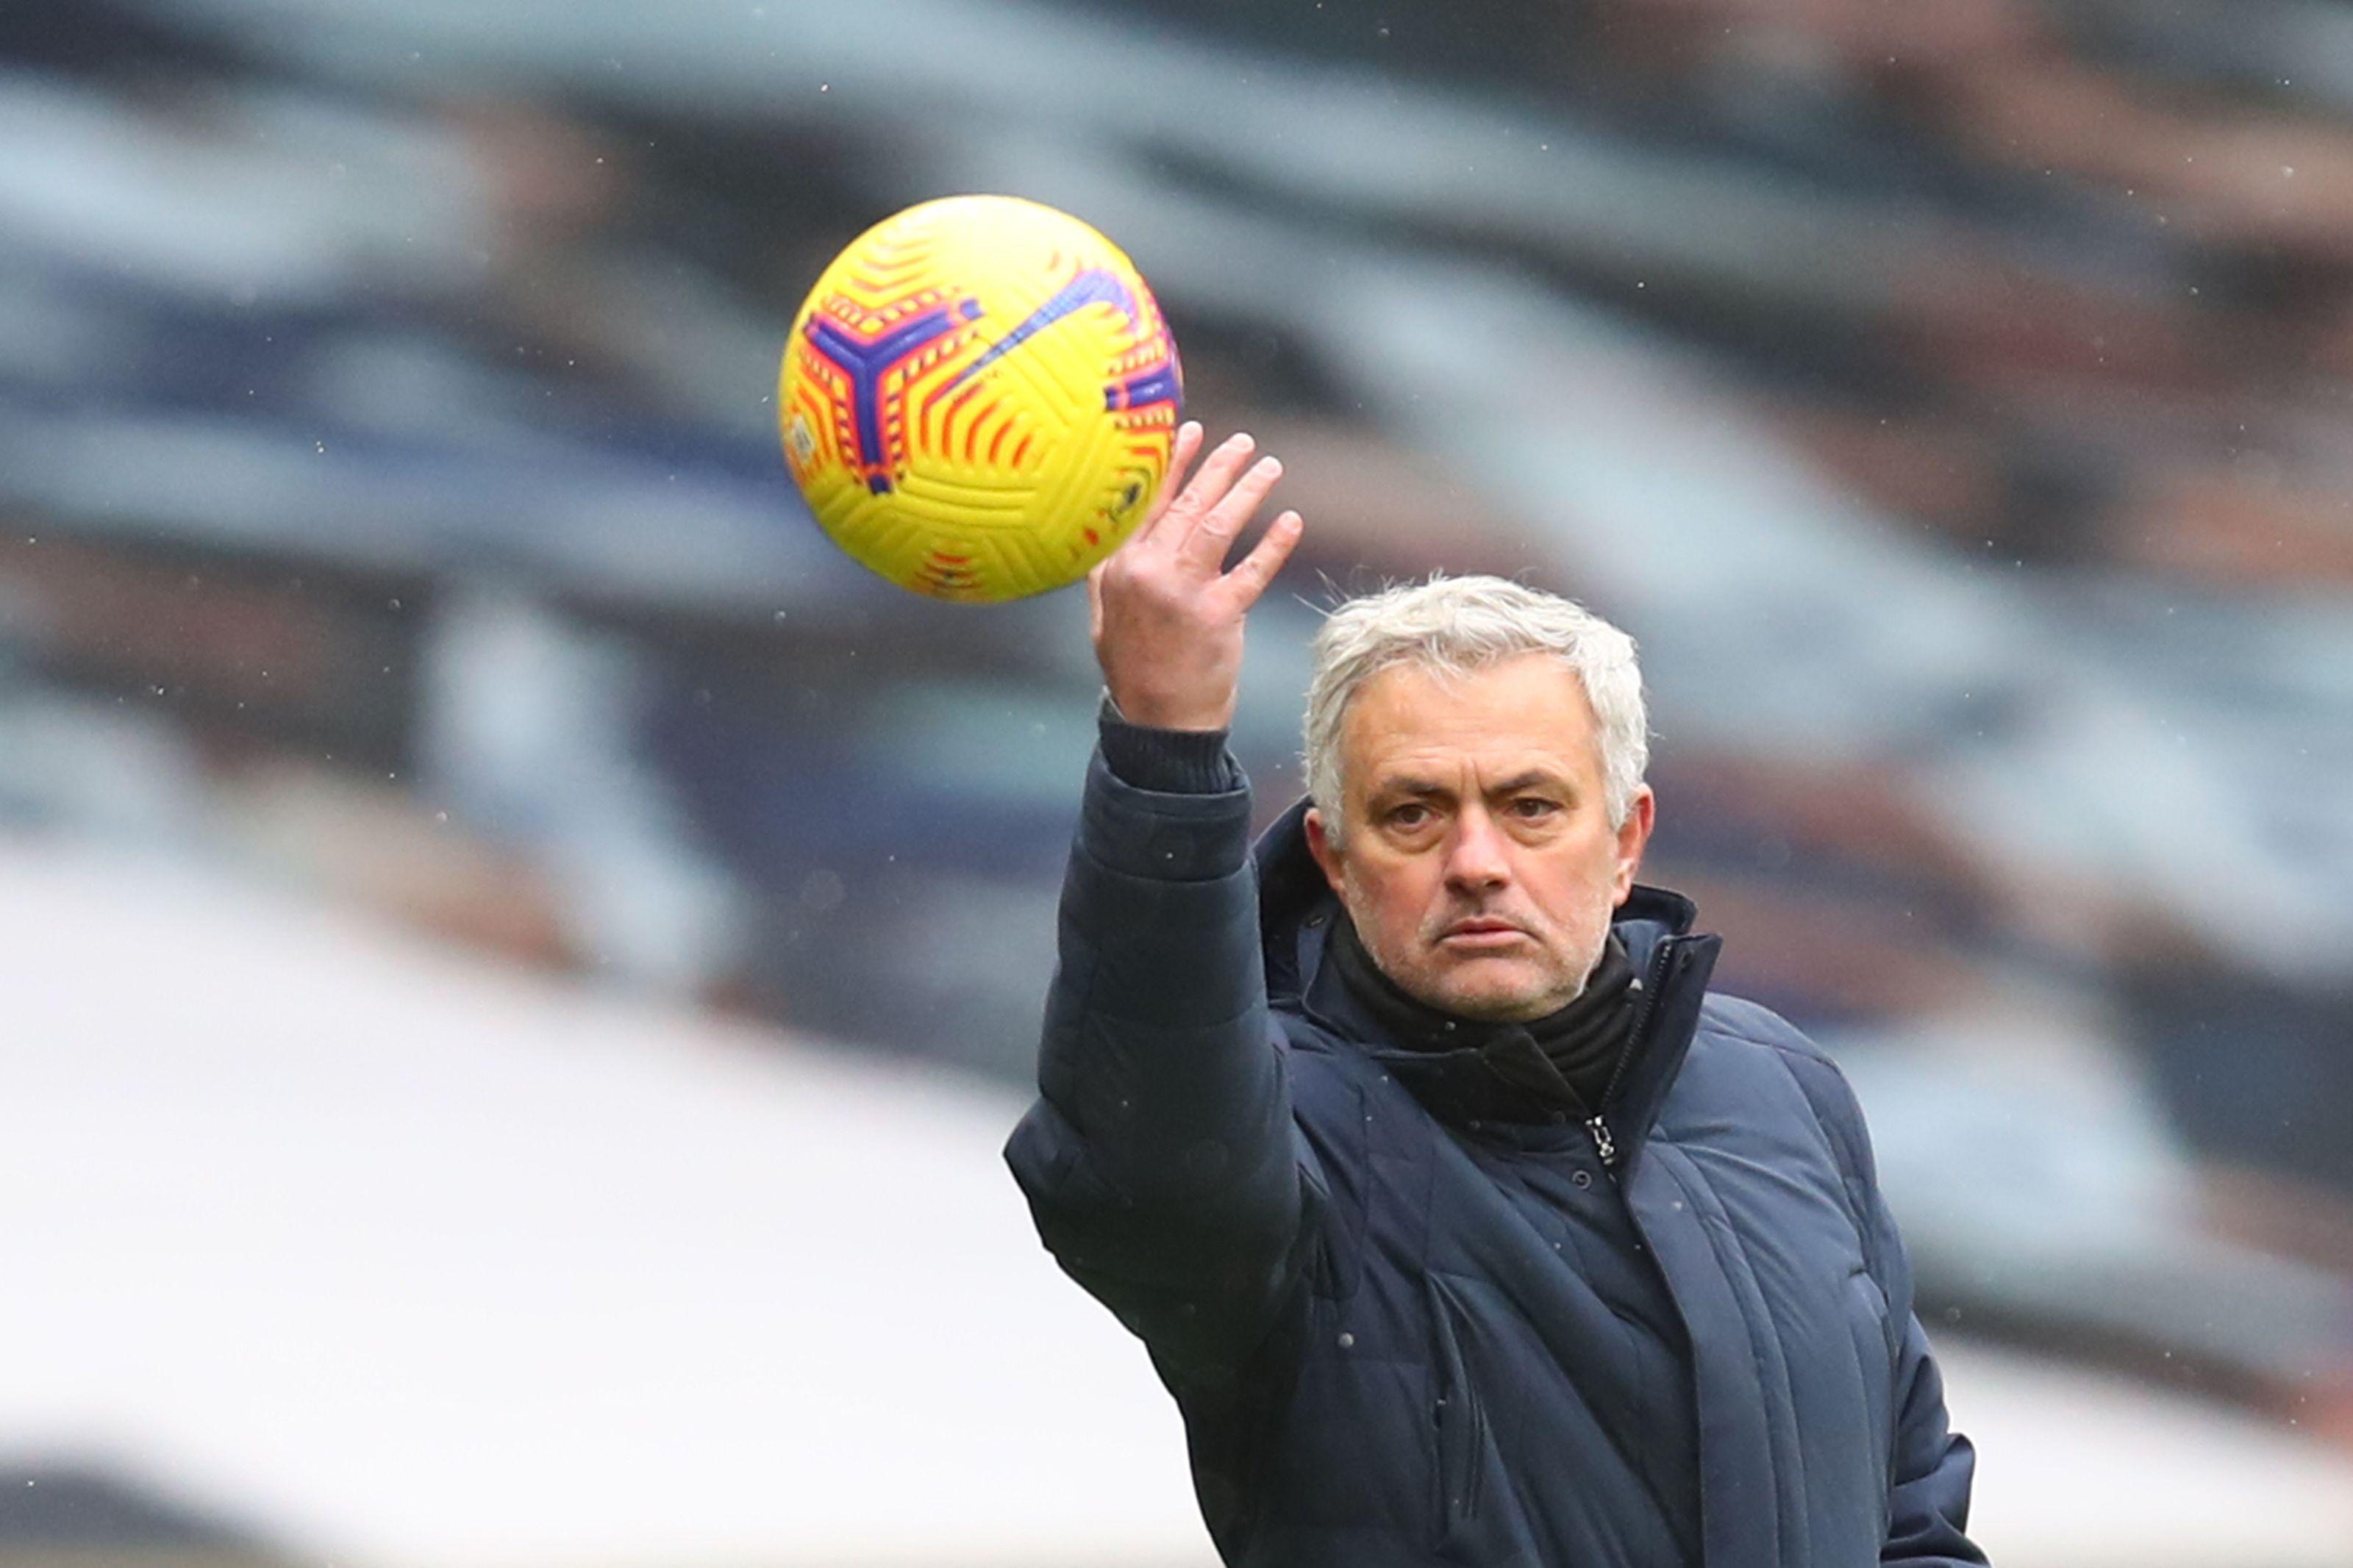 mourinho next club betting line